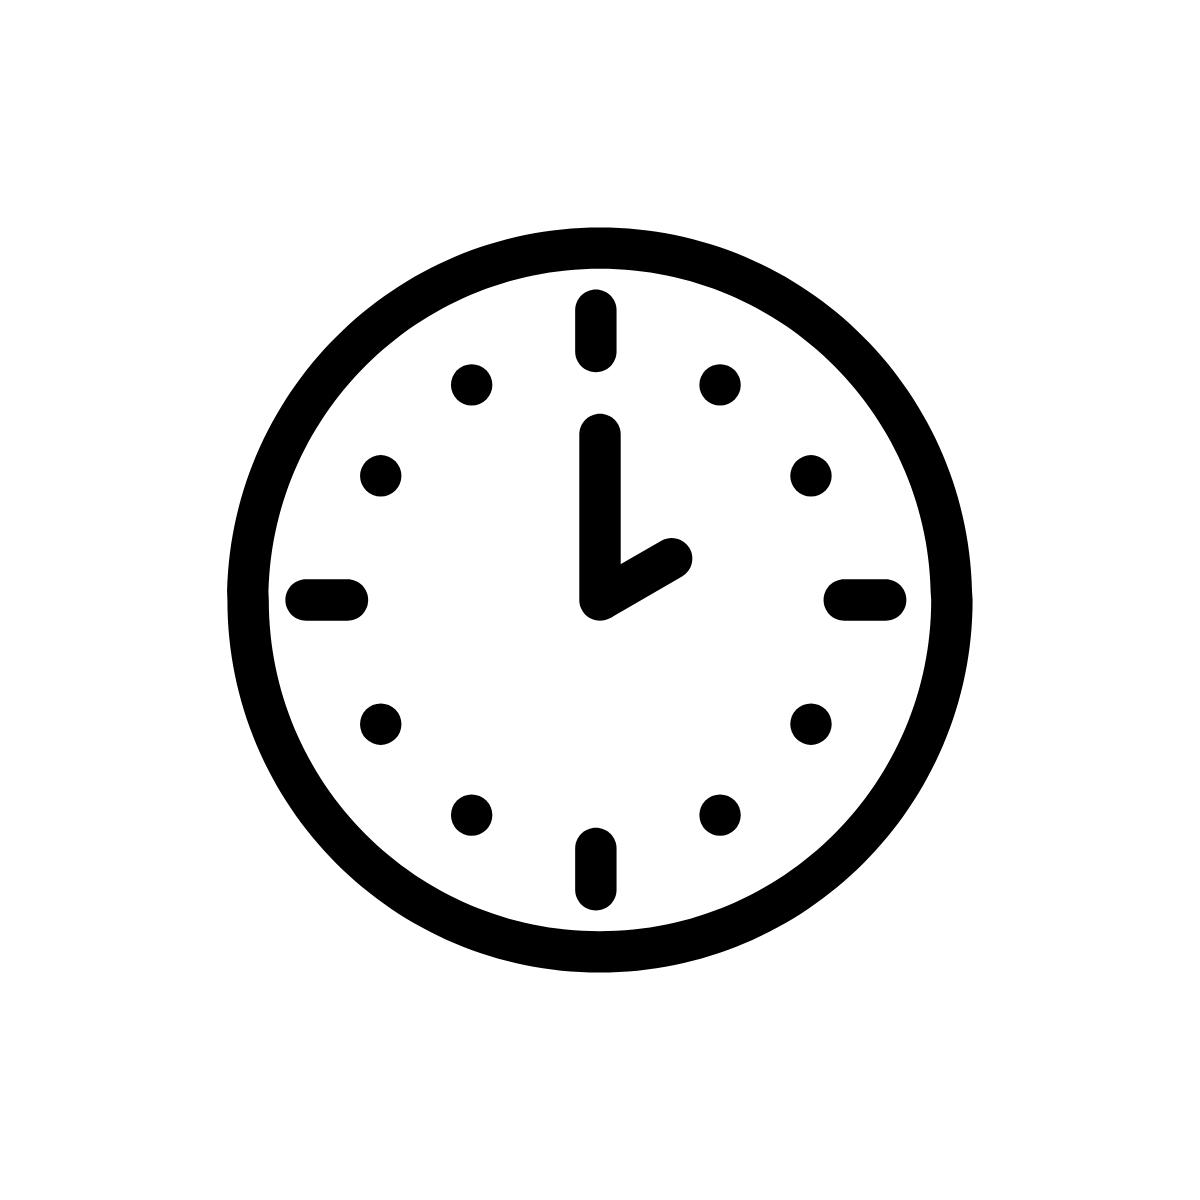 noun_2 O'Clock_204972